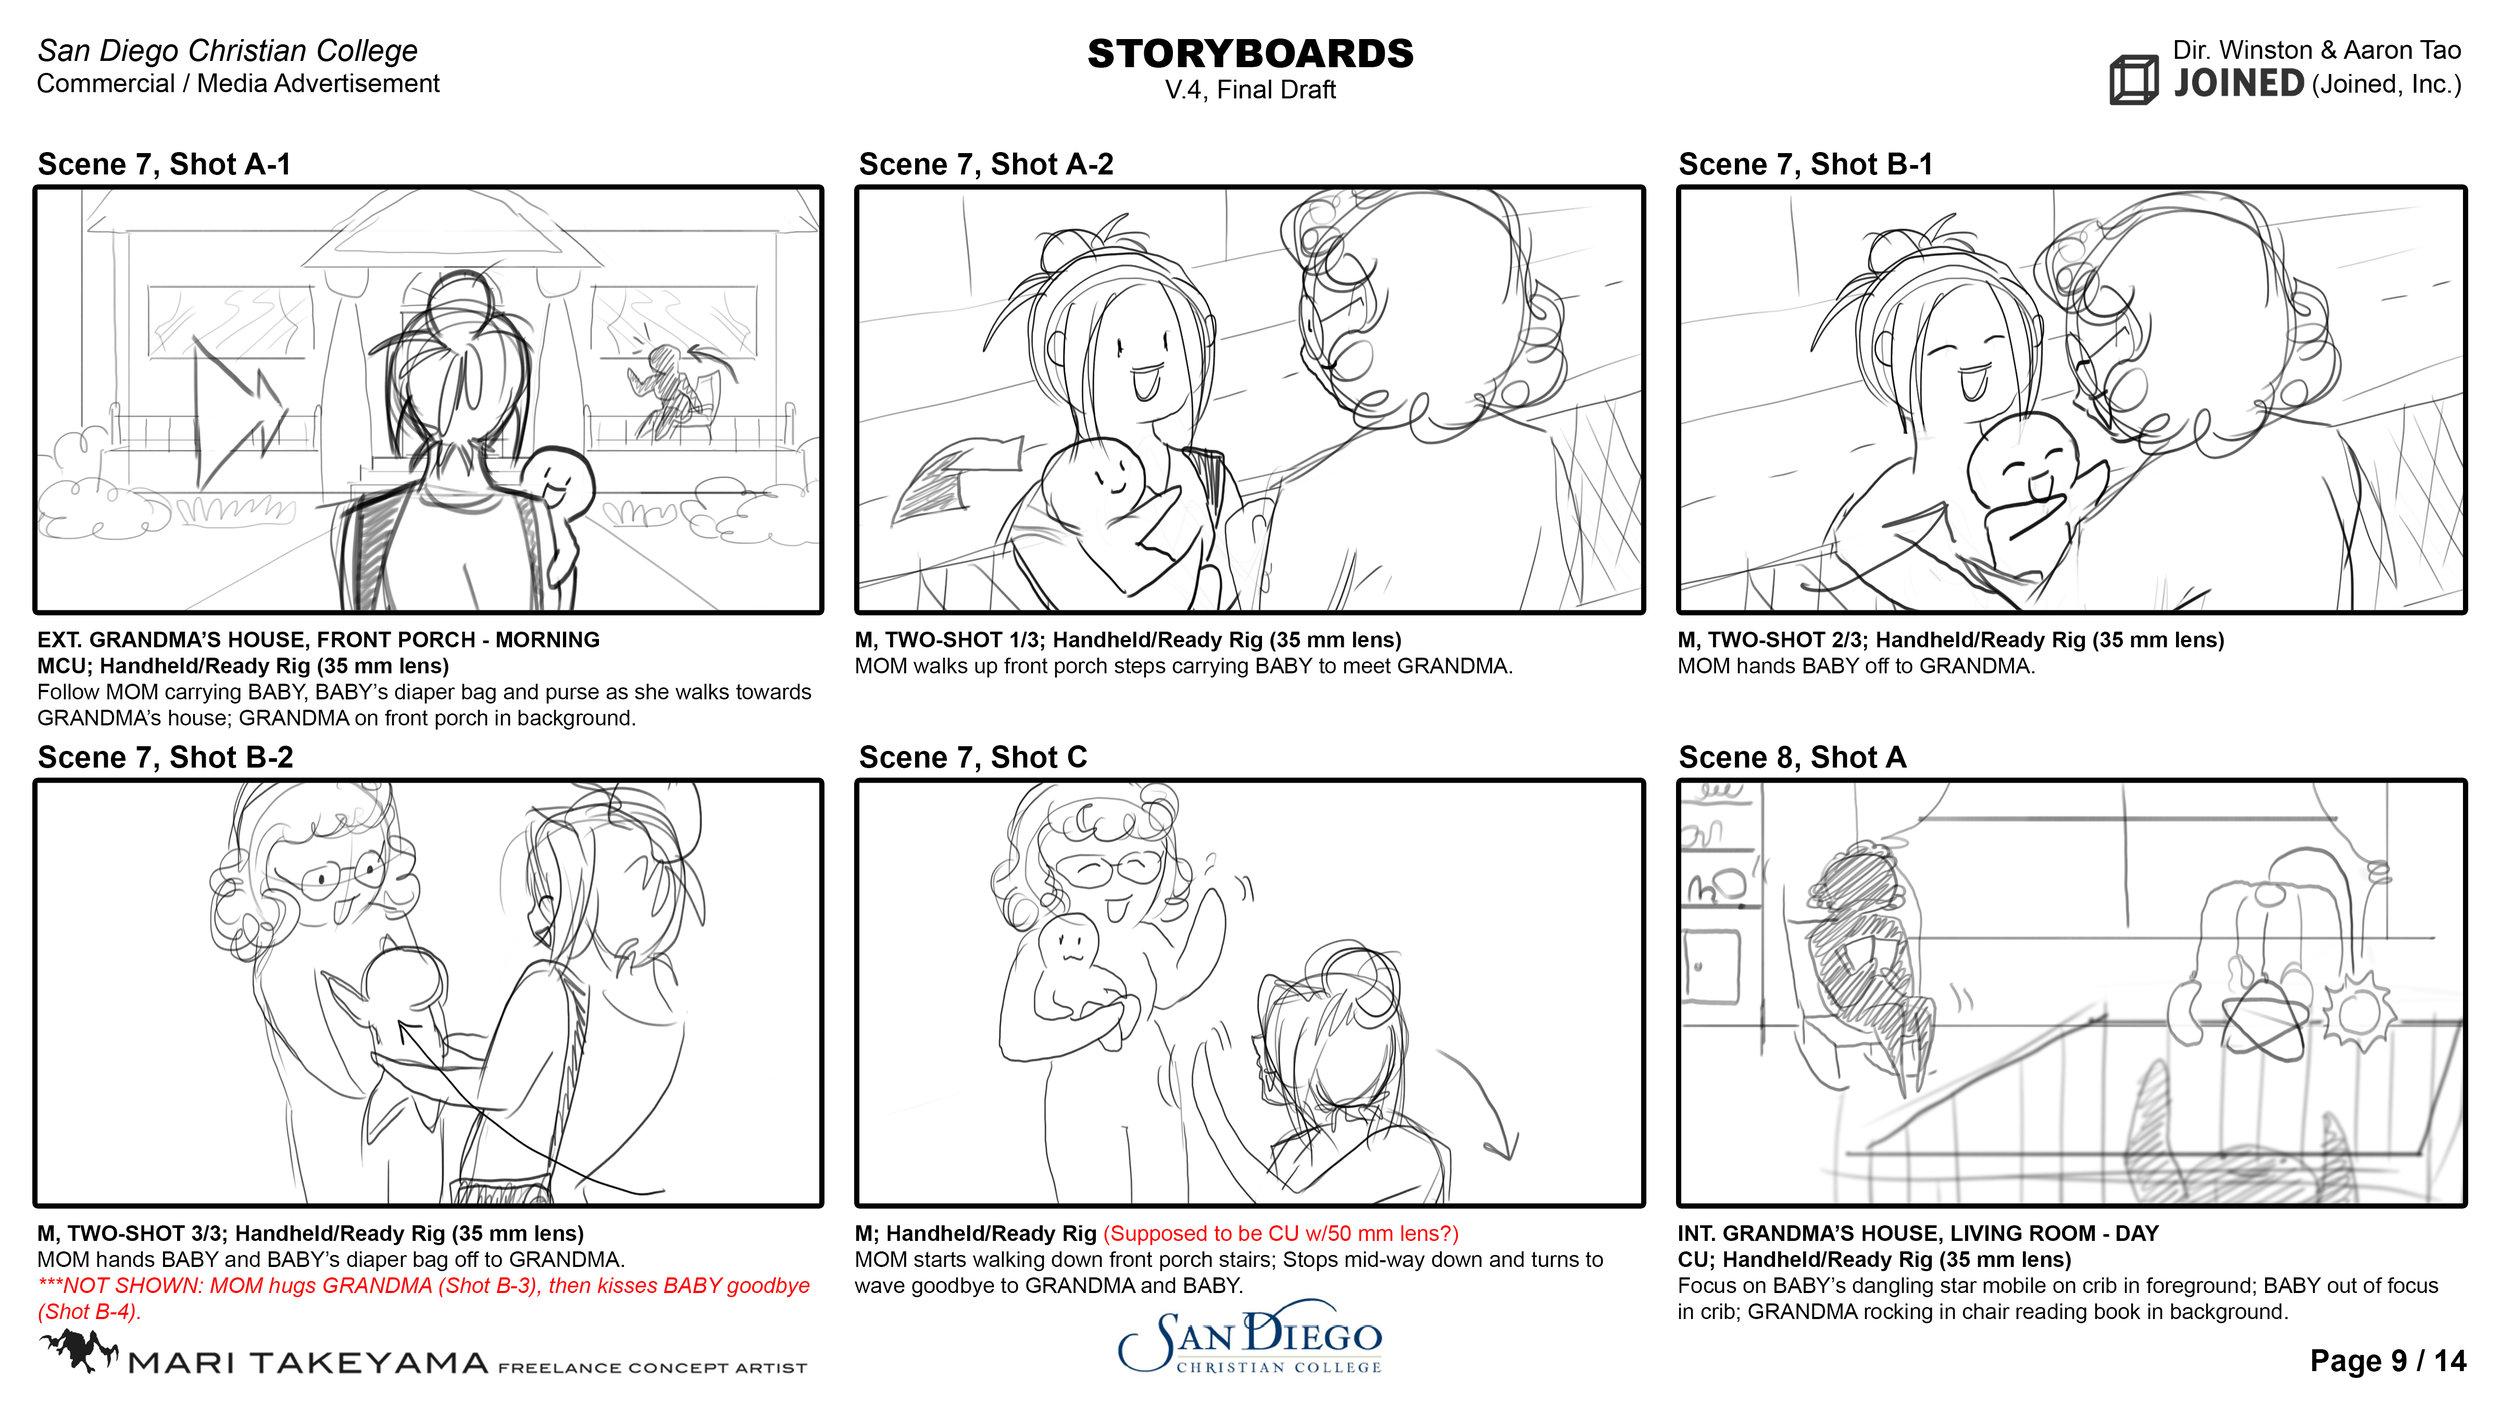 SDCC_Storyboards_FinalDraft_12.jpg